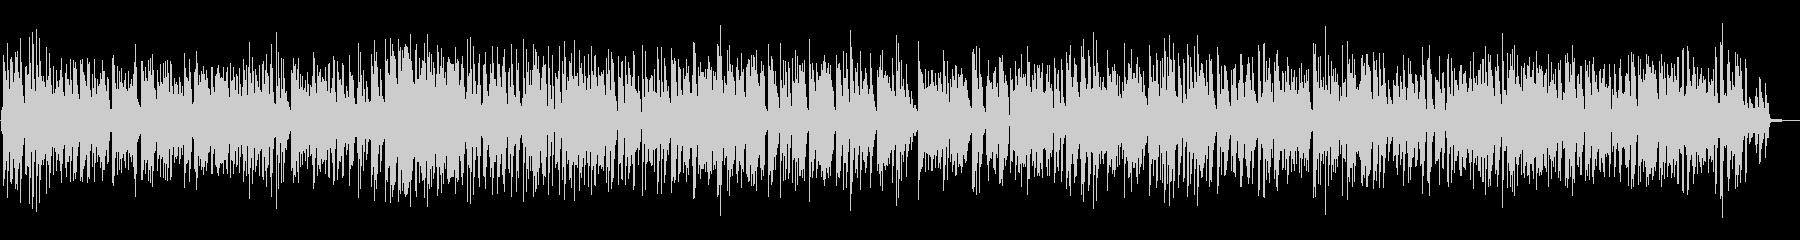 控えめなノリでオシャレなピアノBGMの未再生の波形